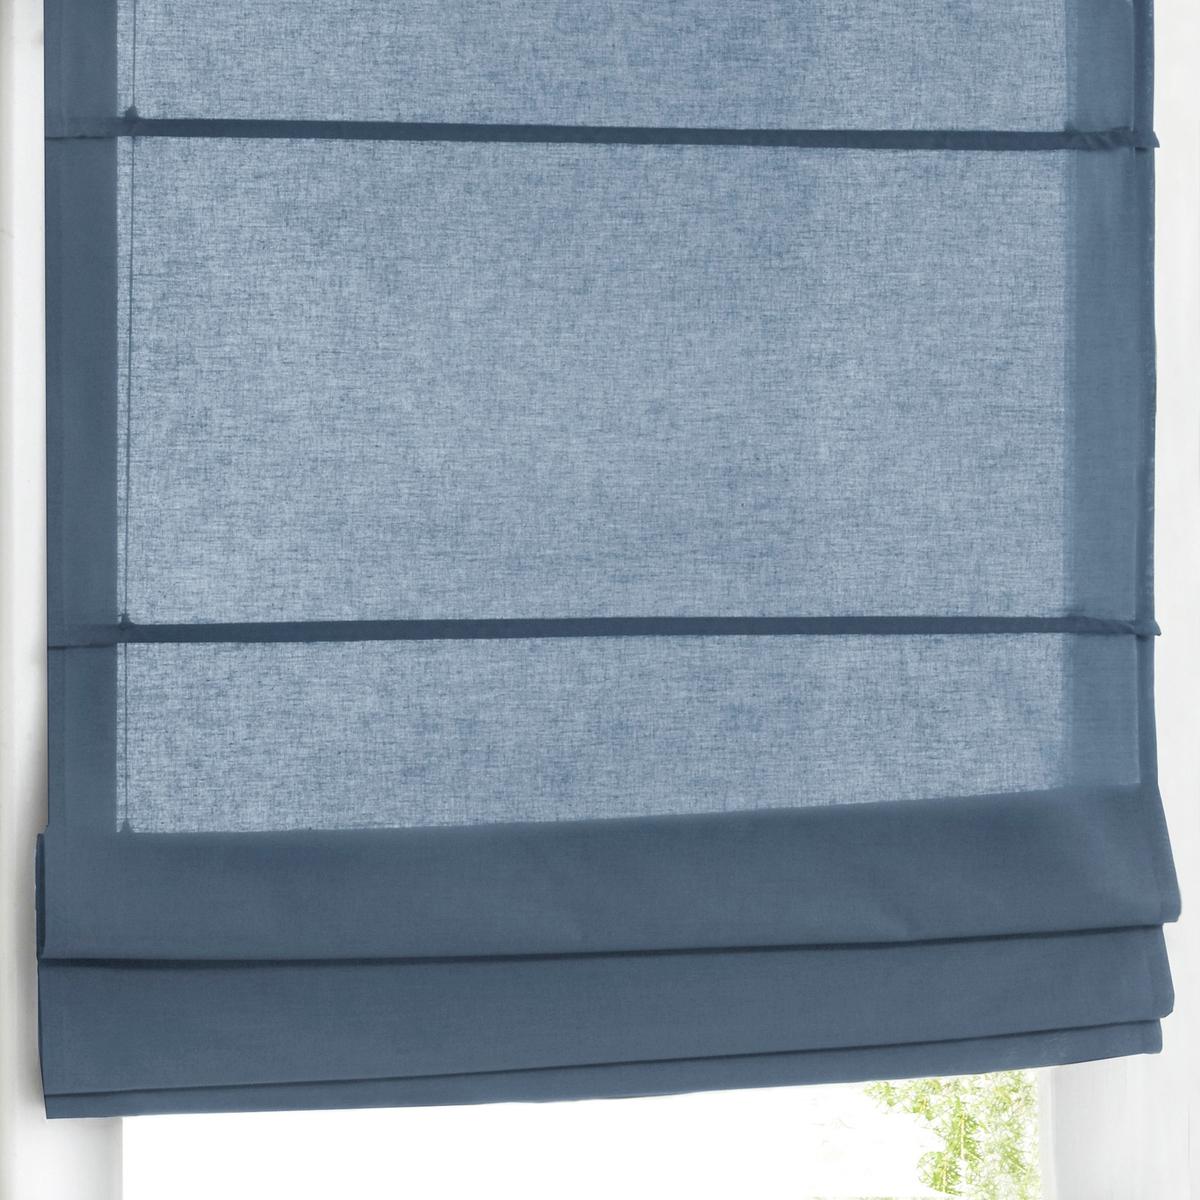 Штора LaRedoute Римская затемняющая 100 хлопок 170 x 50 см синий